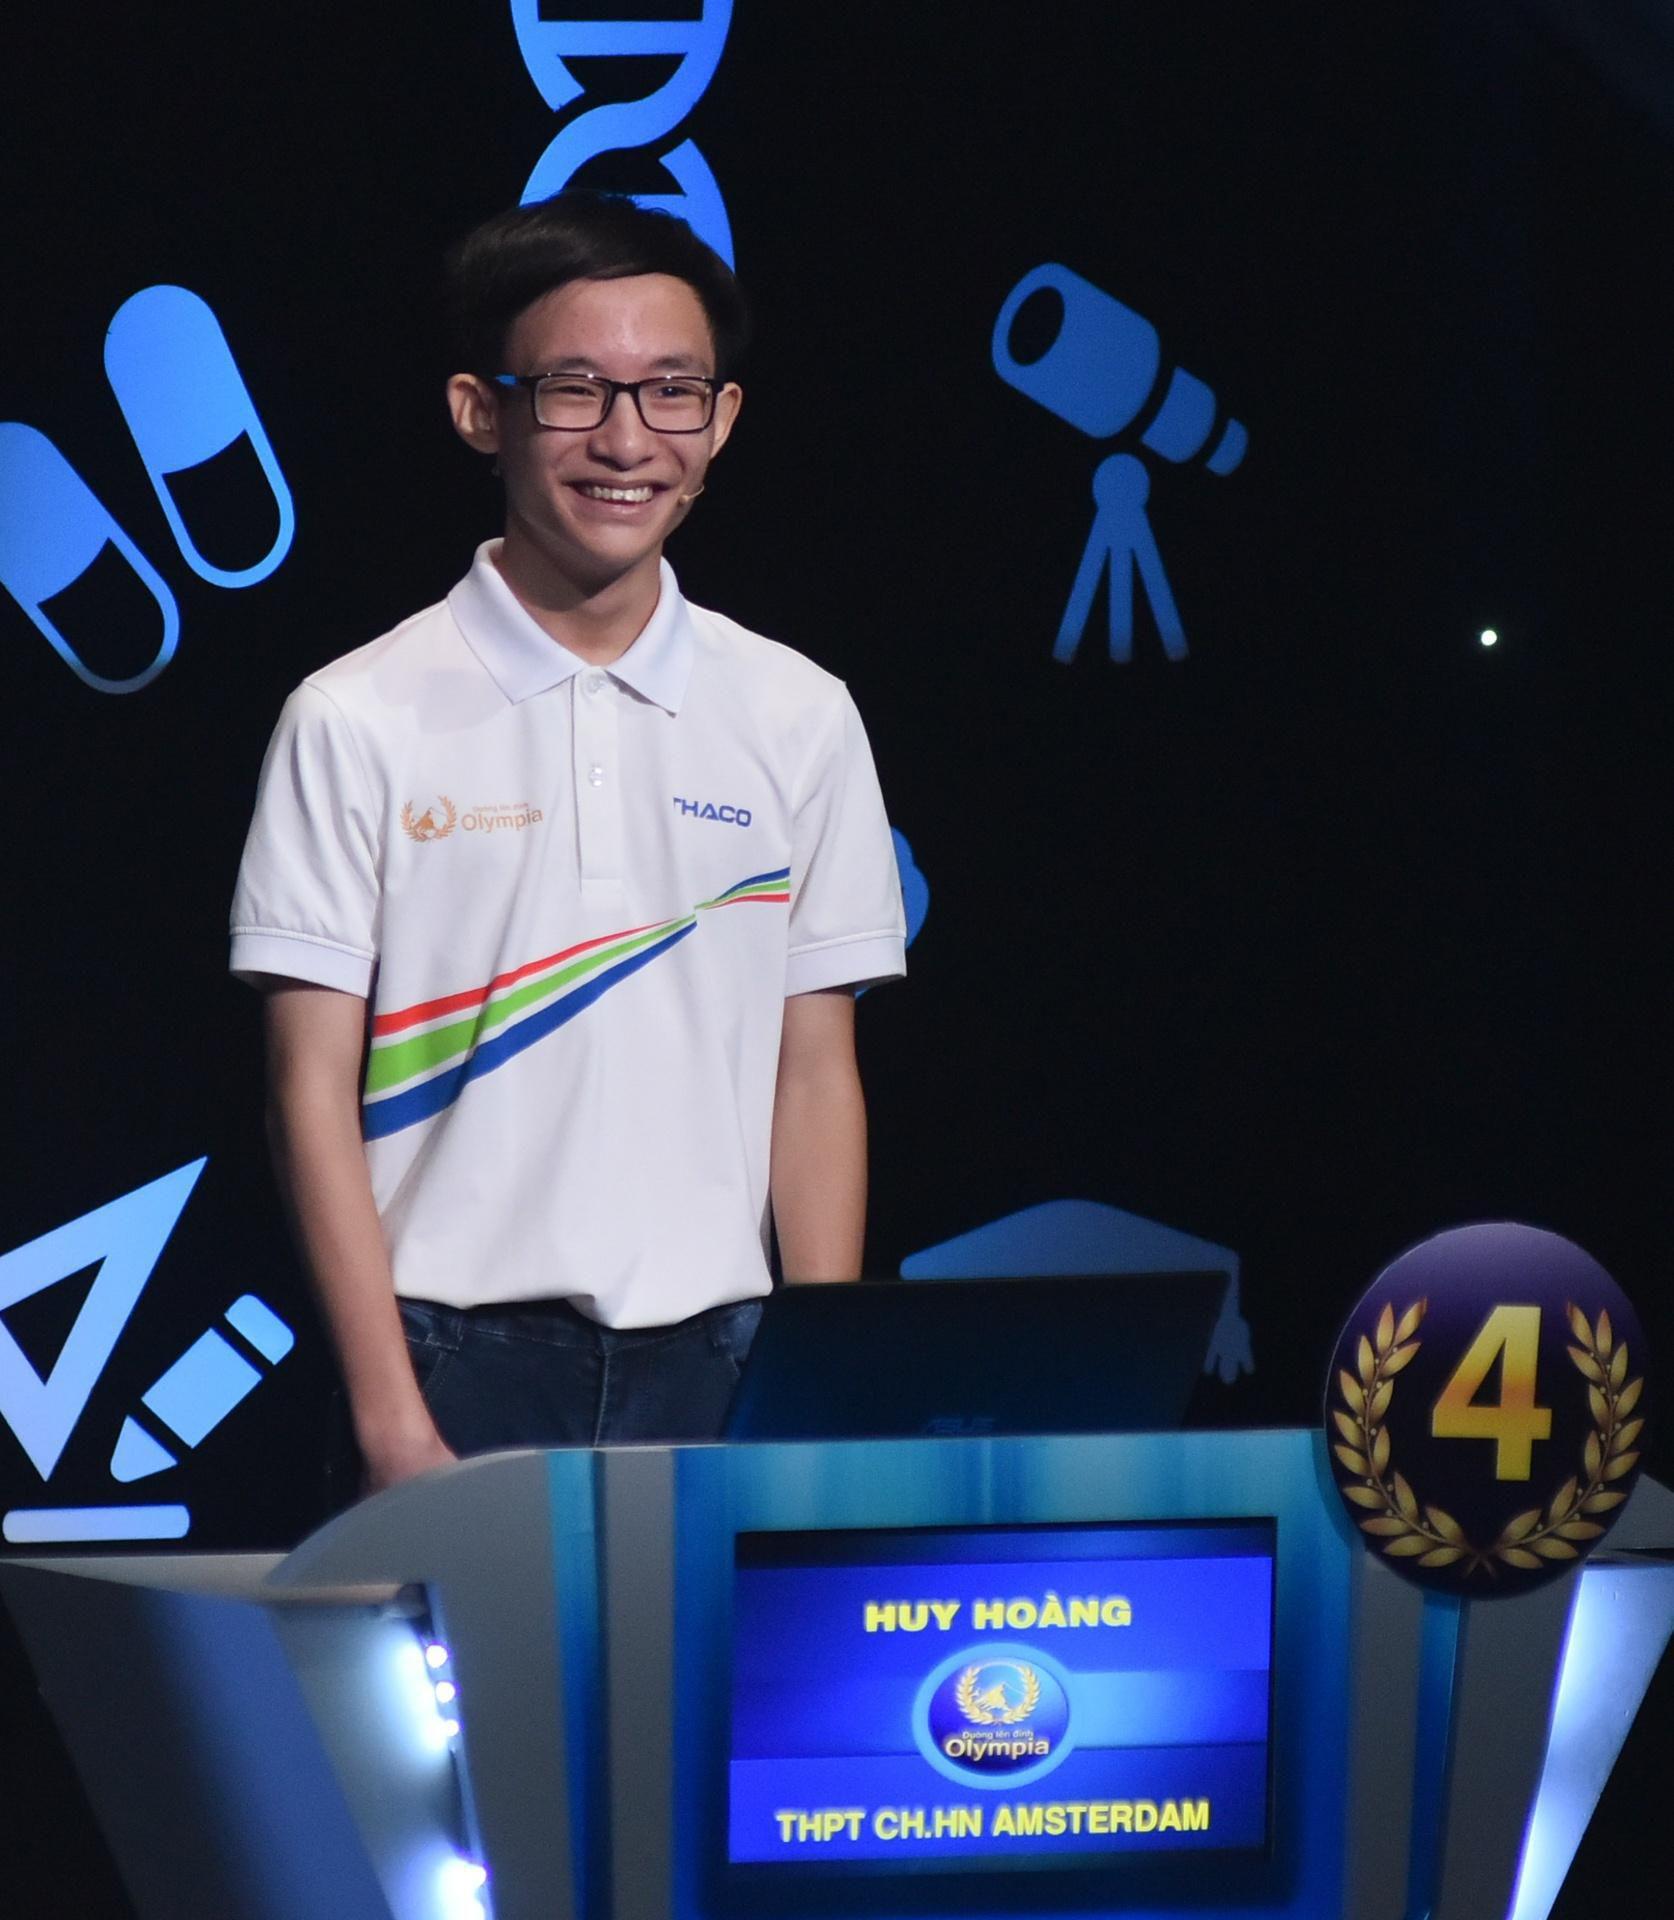 Các cựu thí sinh Olympia gây ấn tượng ở Siêu trí tuệ Việt Nam Ảnh 8